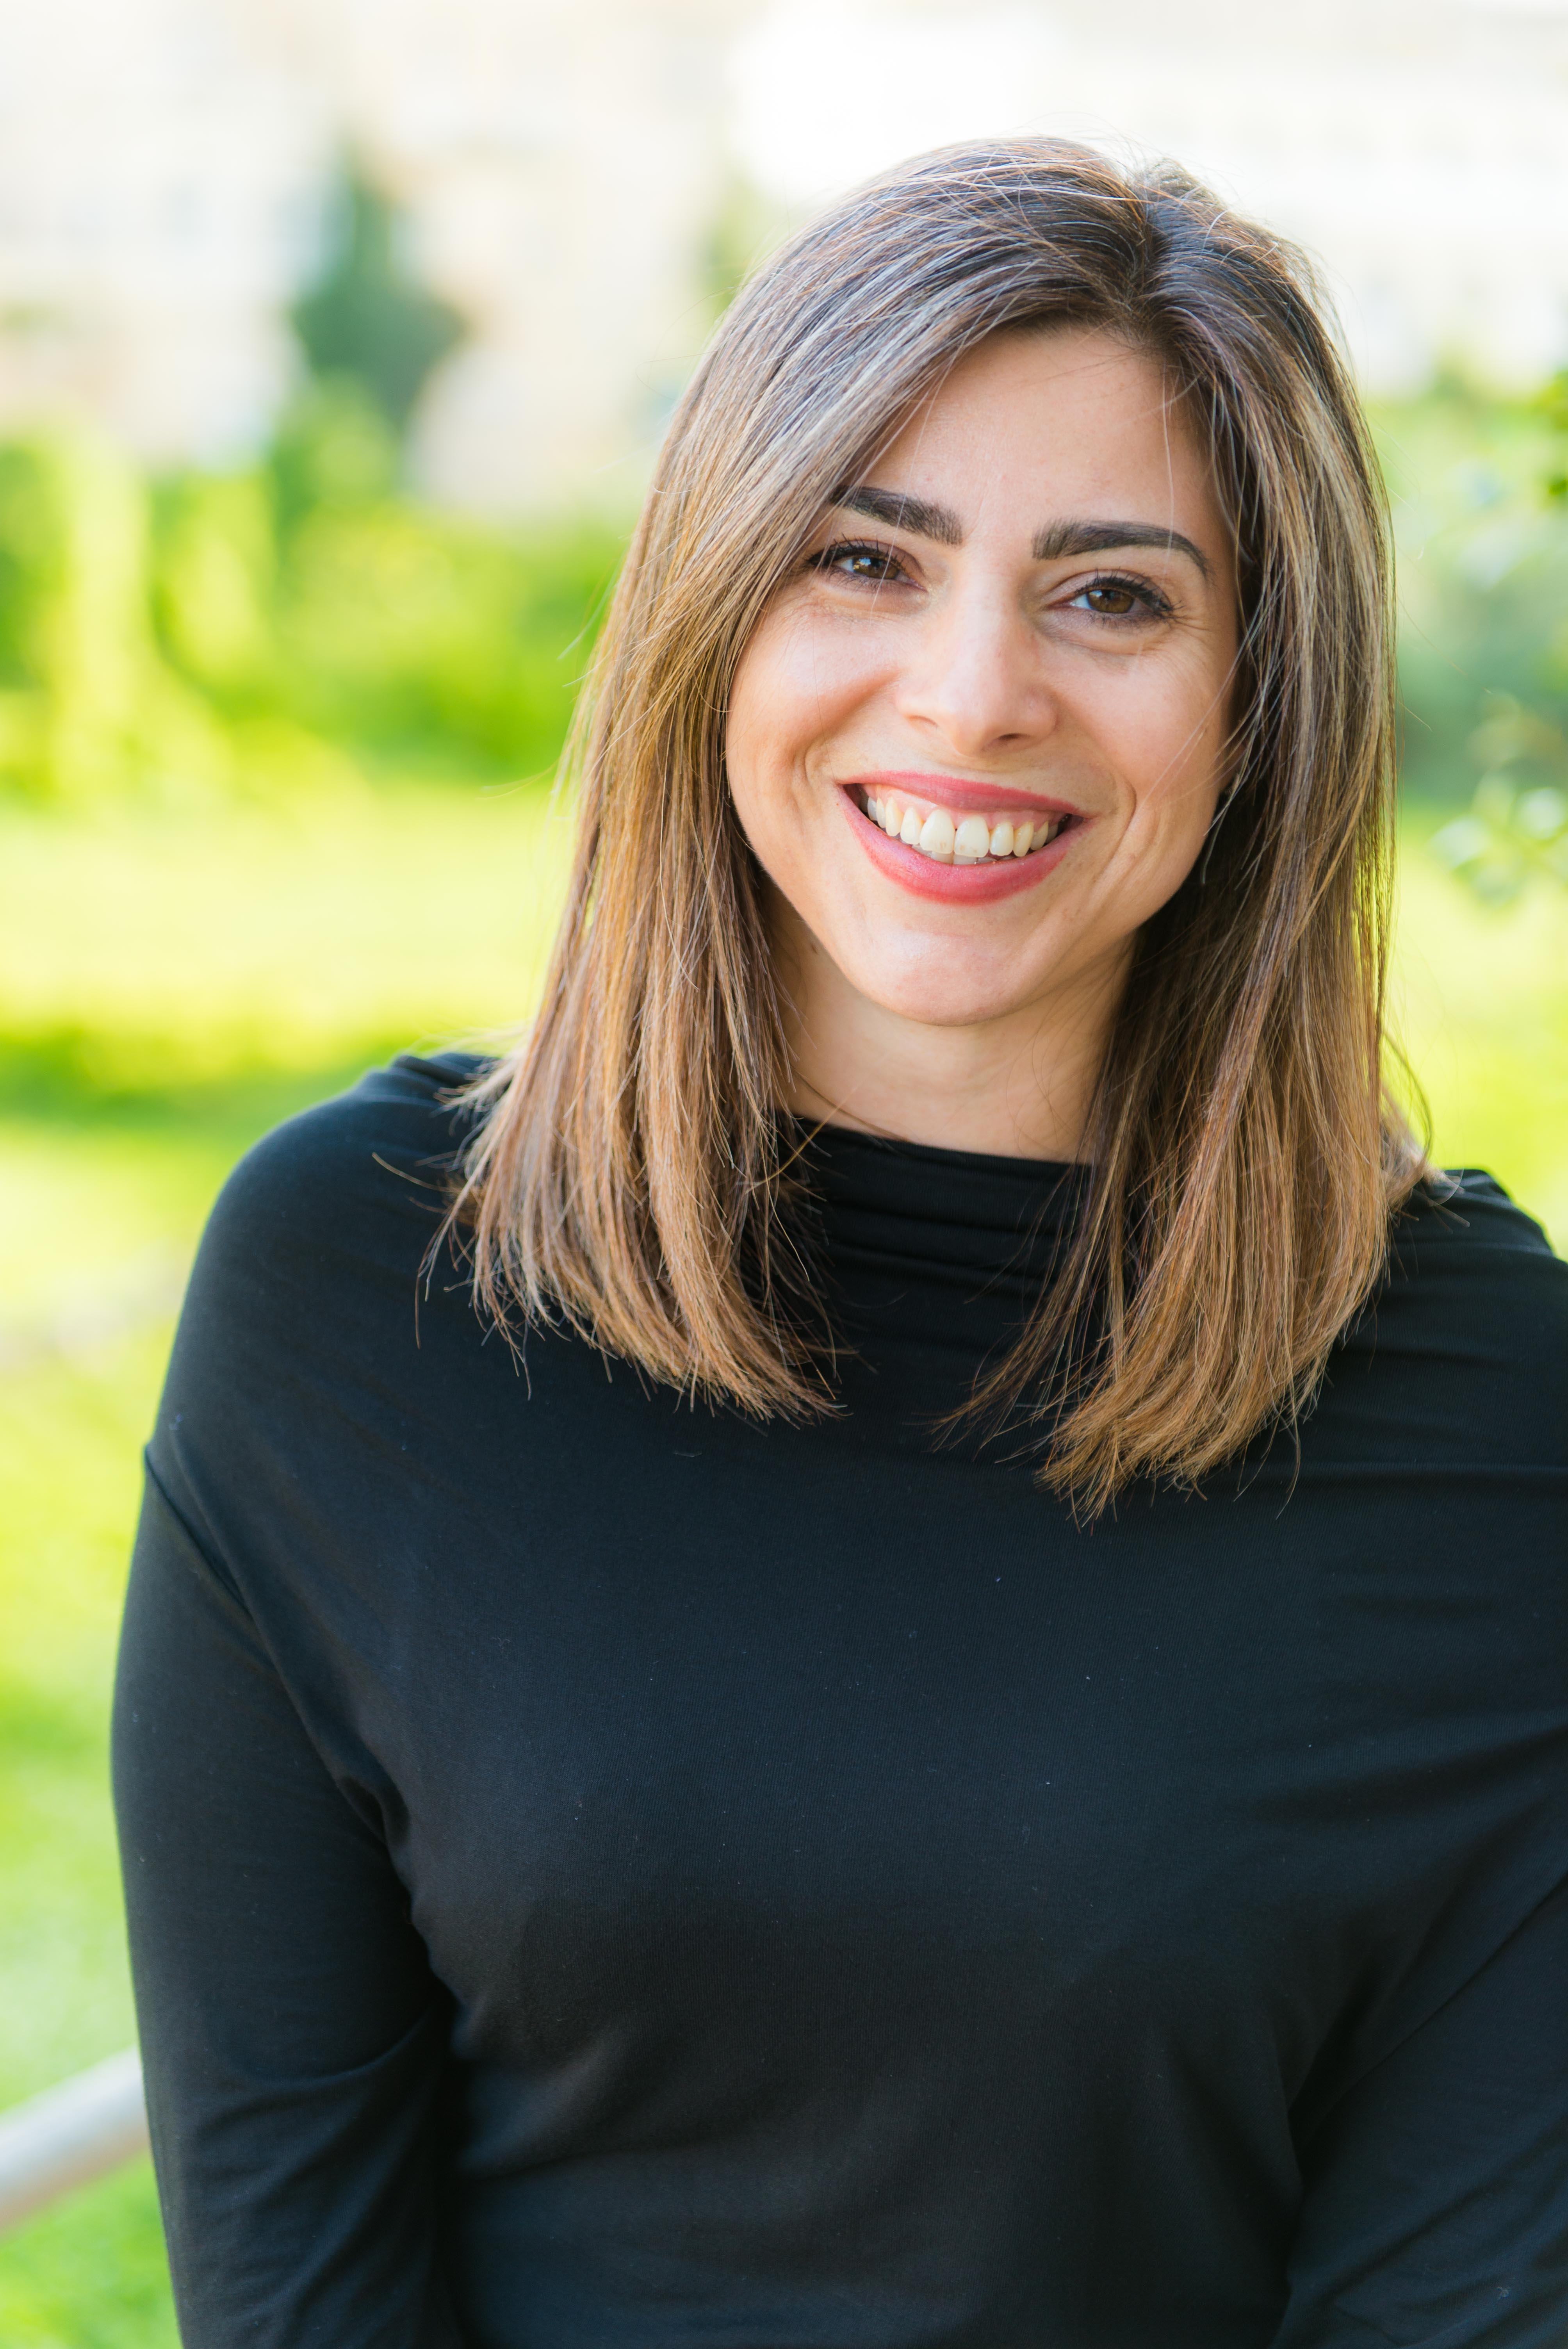 Dominique Pace Vincenti